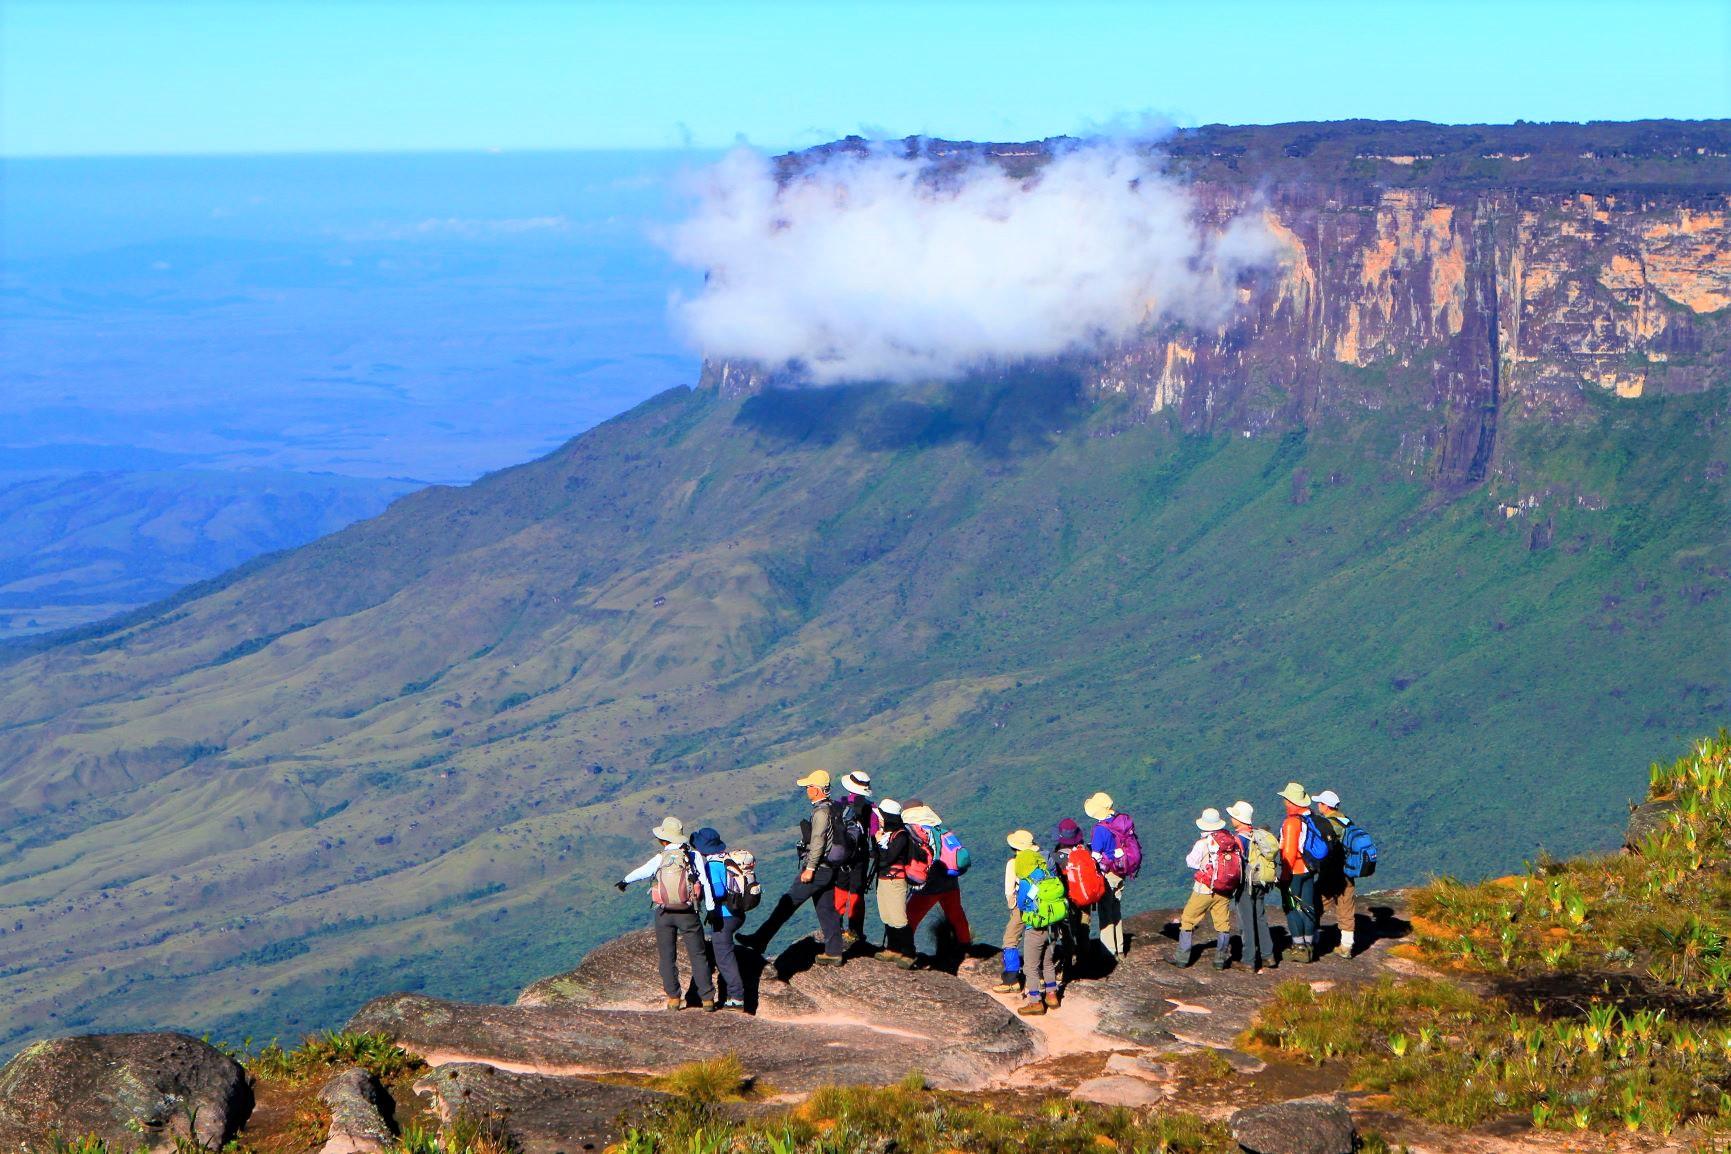 ロライマ山頂上台地より、クケナン(2,600m)をのぞむ(4日目・5日目)